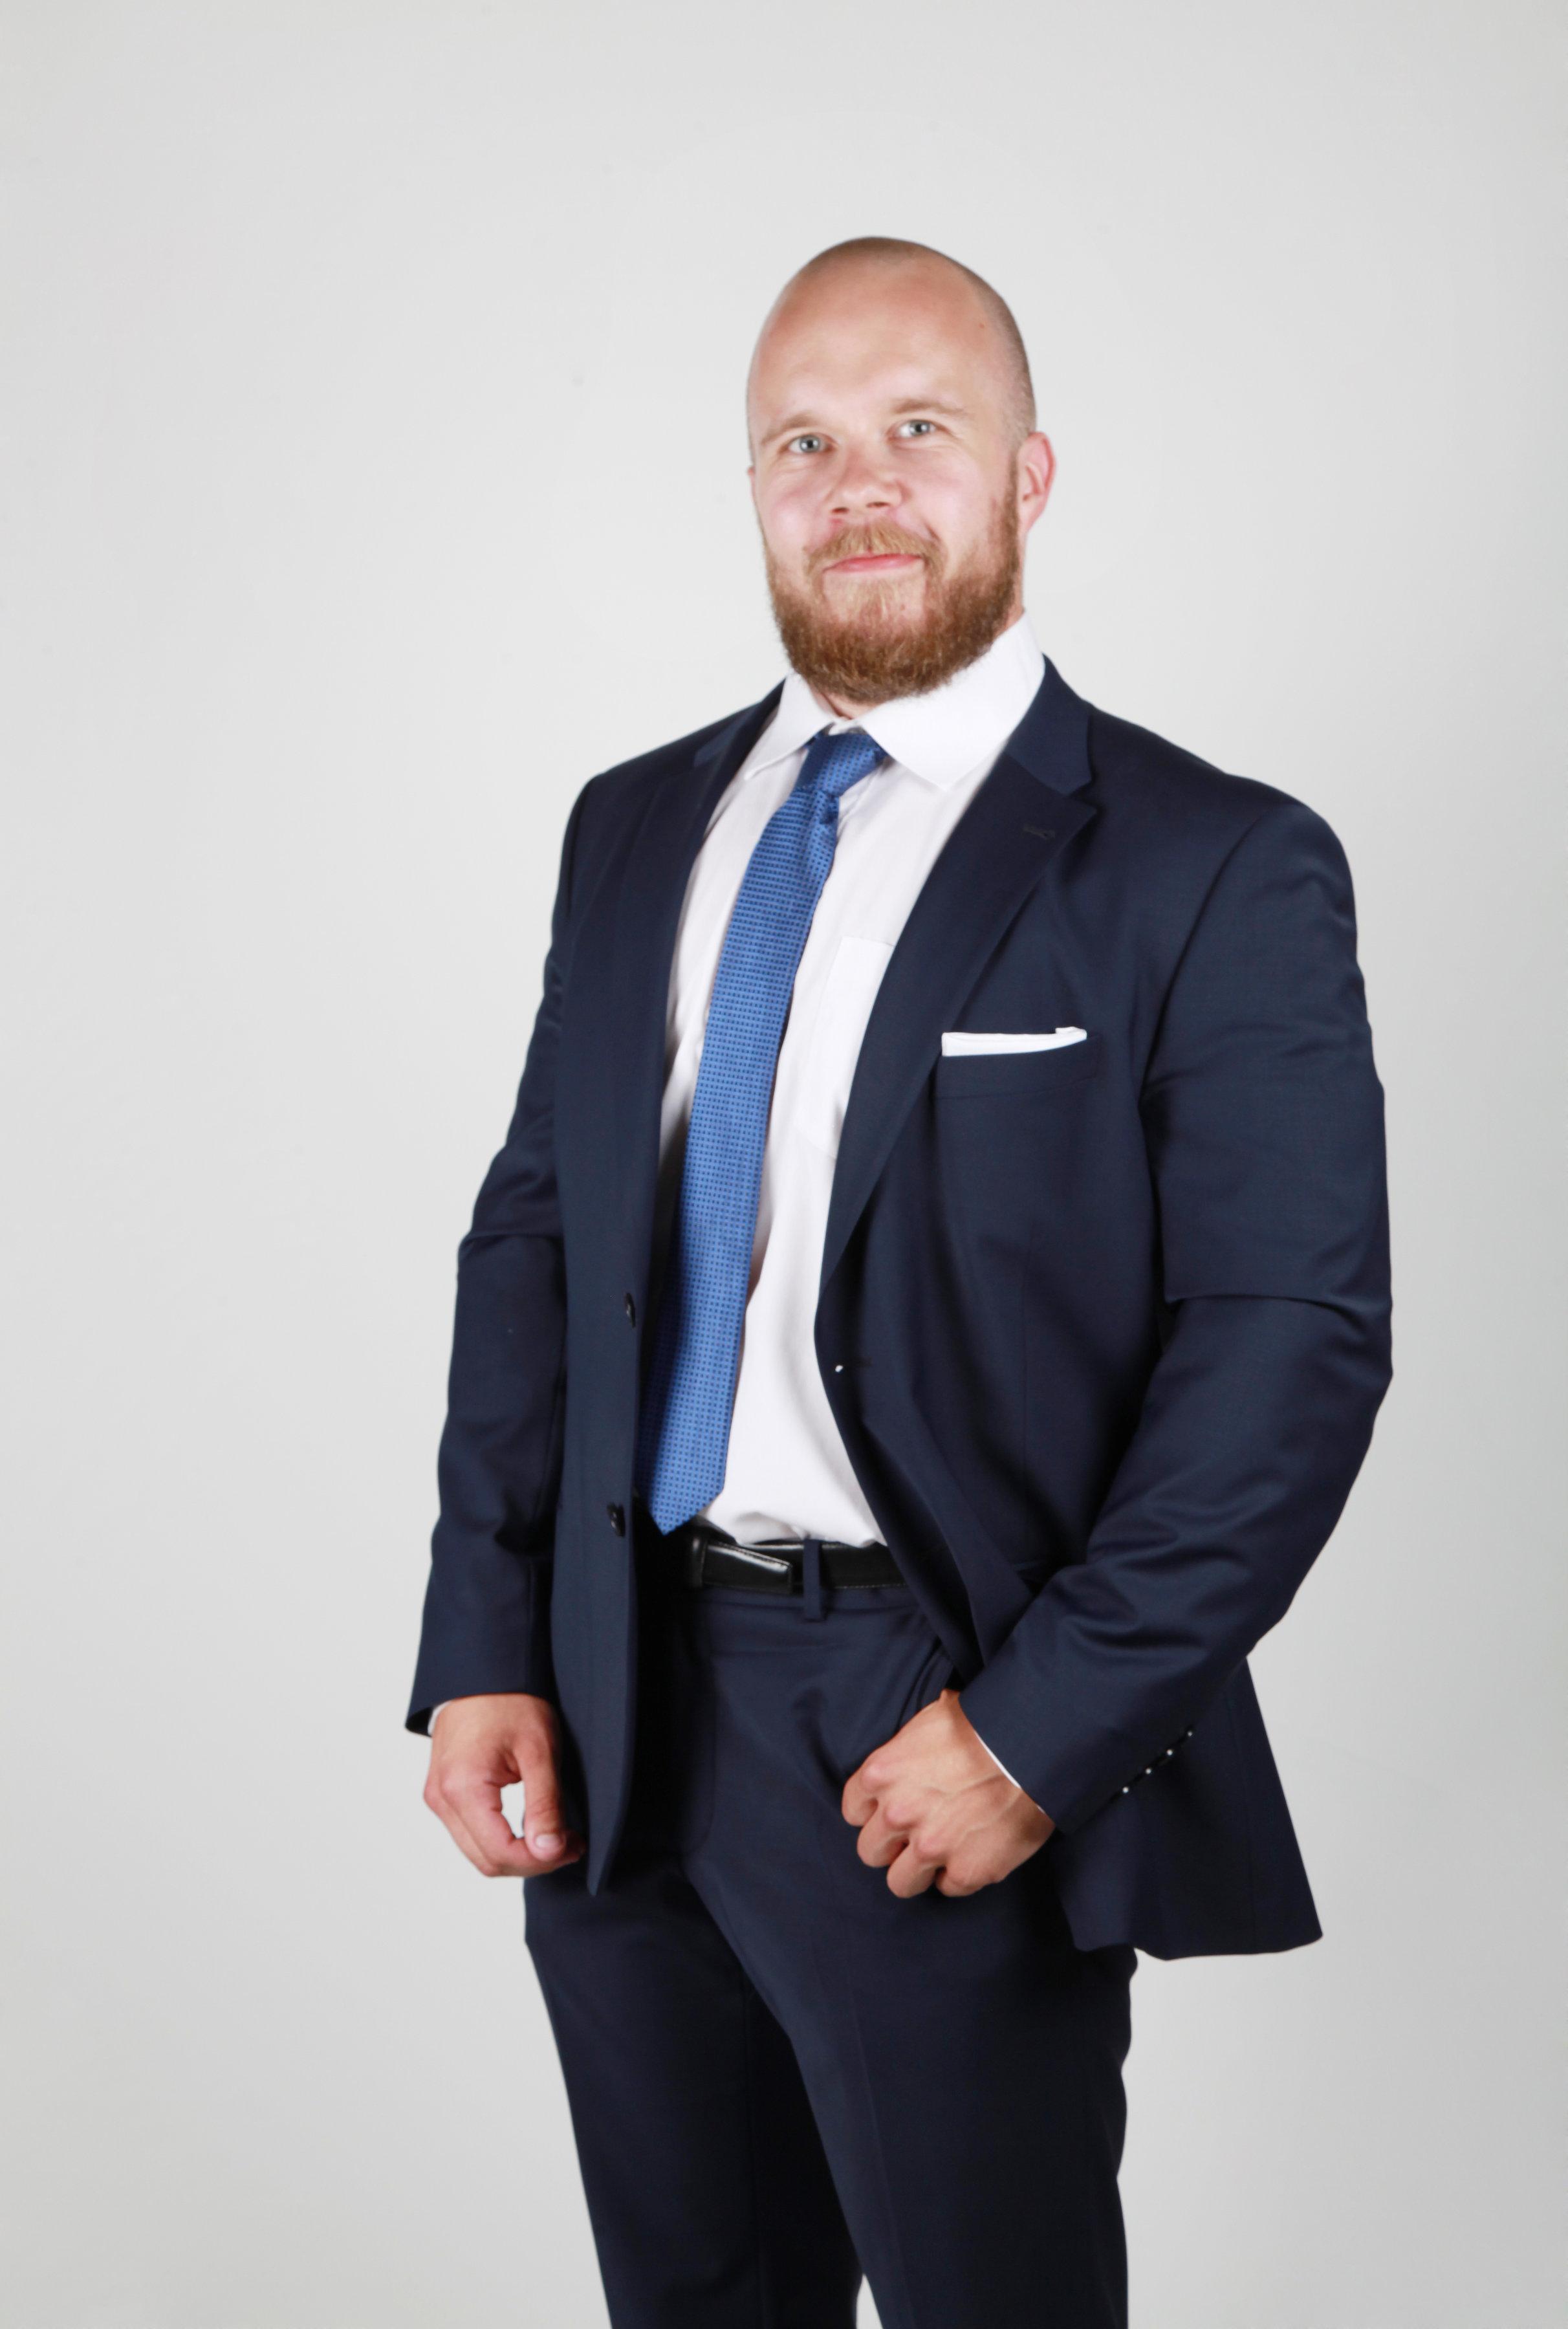 Tapio Hokkanen - Asianajaja, julkinen kaupanvahvistaja, osakaspuh. 040 826 8326 tapio.hokkanen@lakihhr.fi